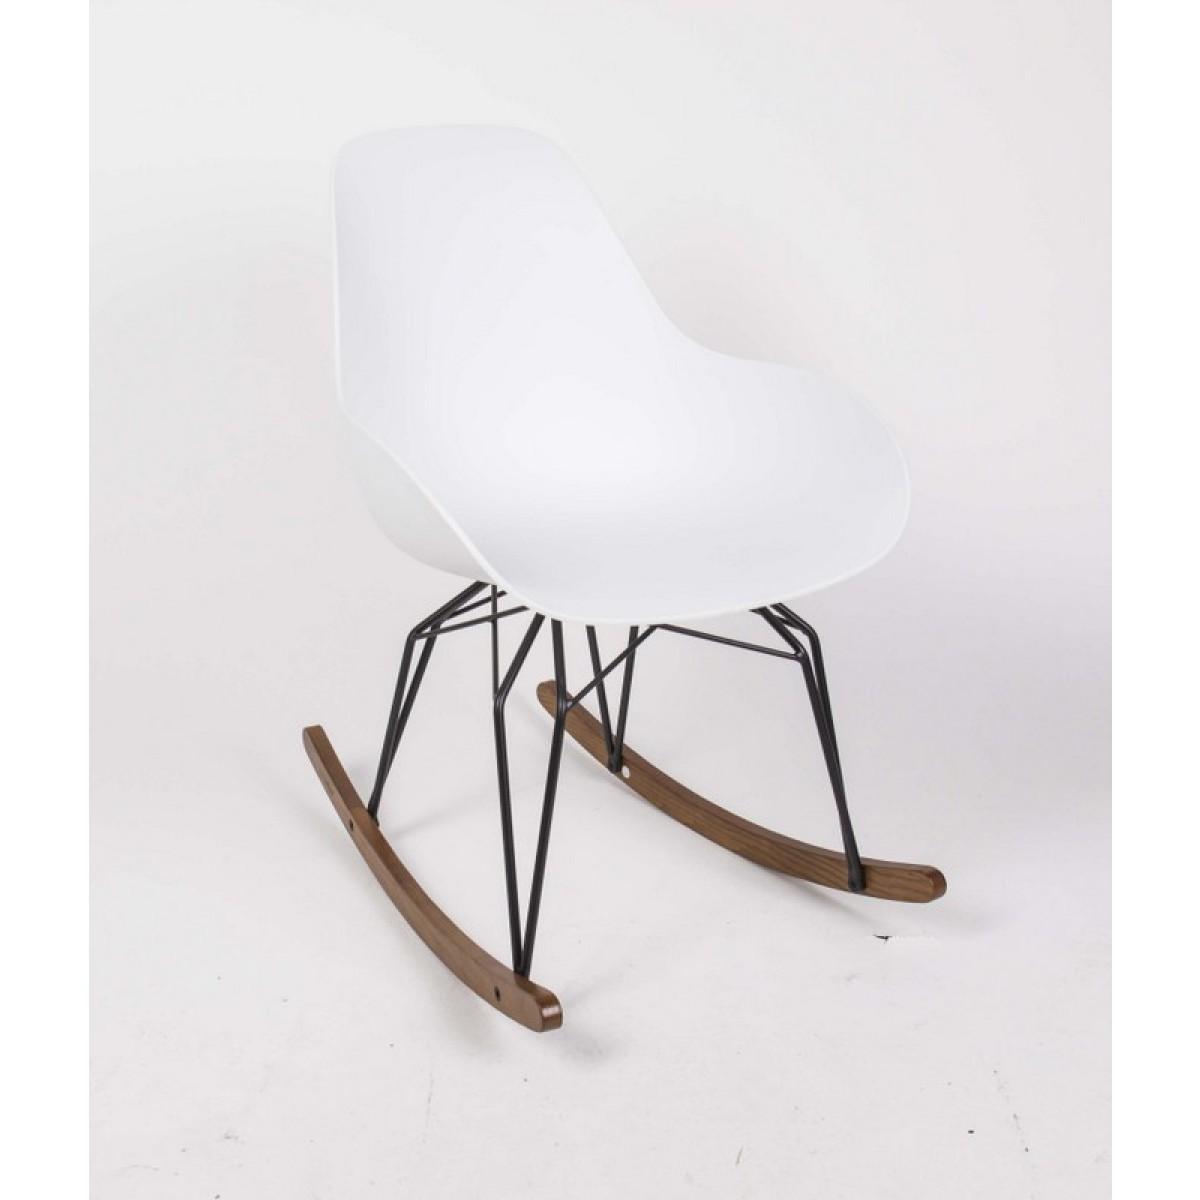 Design schaukelstuhl sessel mit armlehne sitzh he 42 cm for Design schaukelstuhl